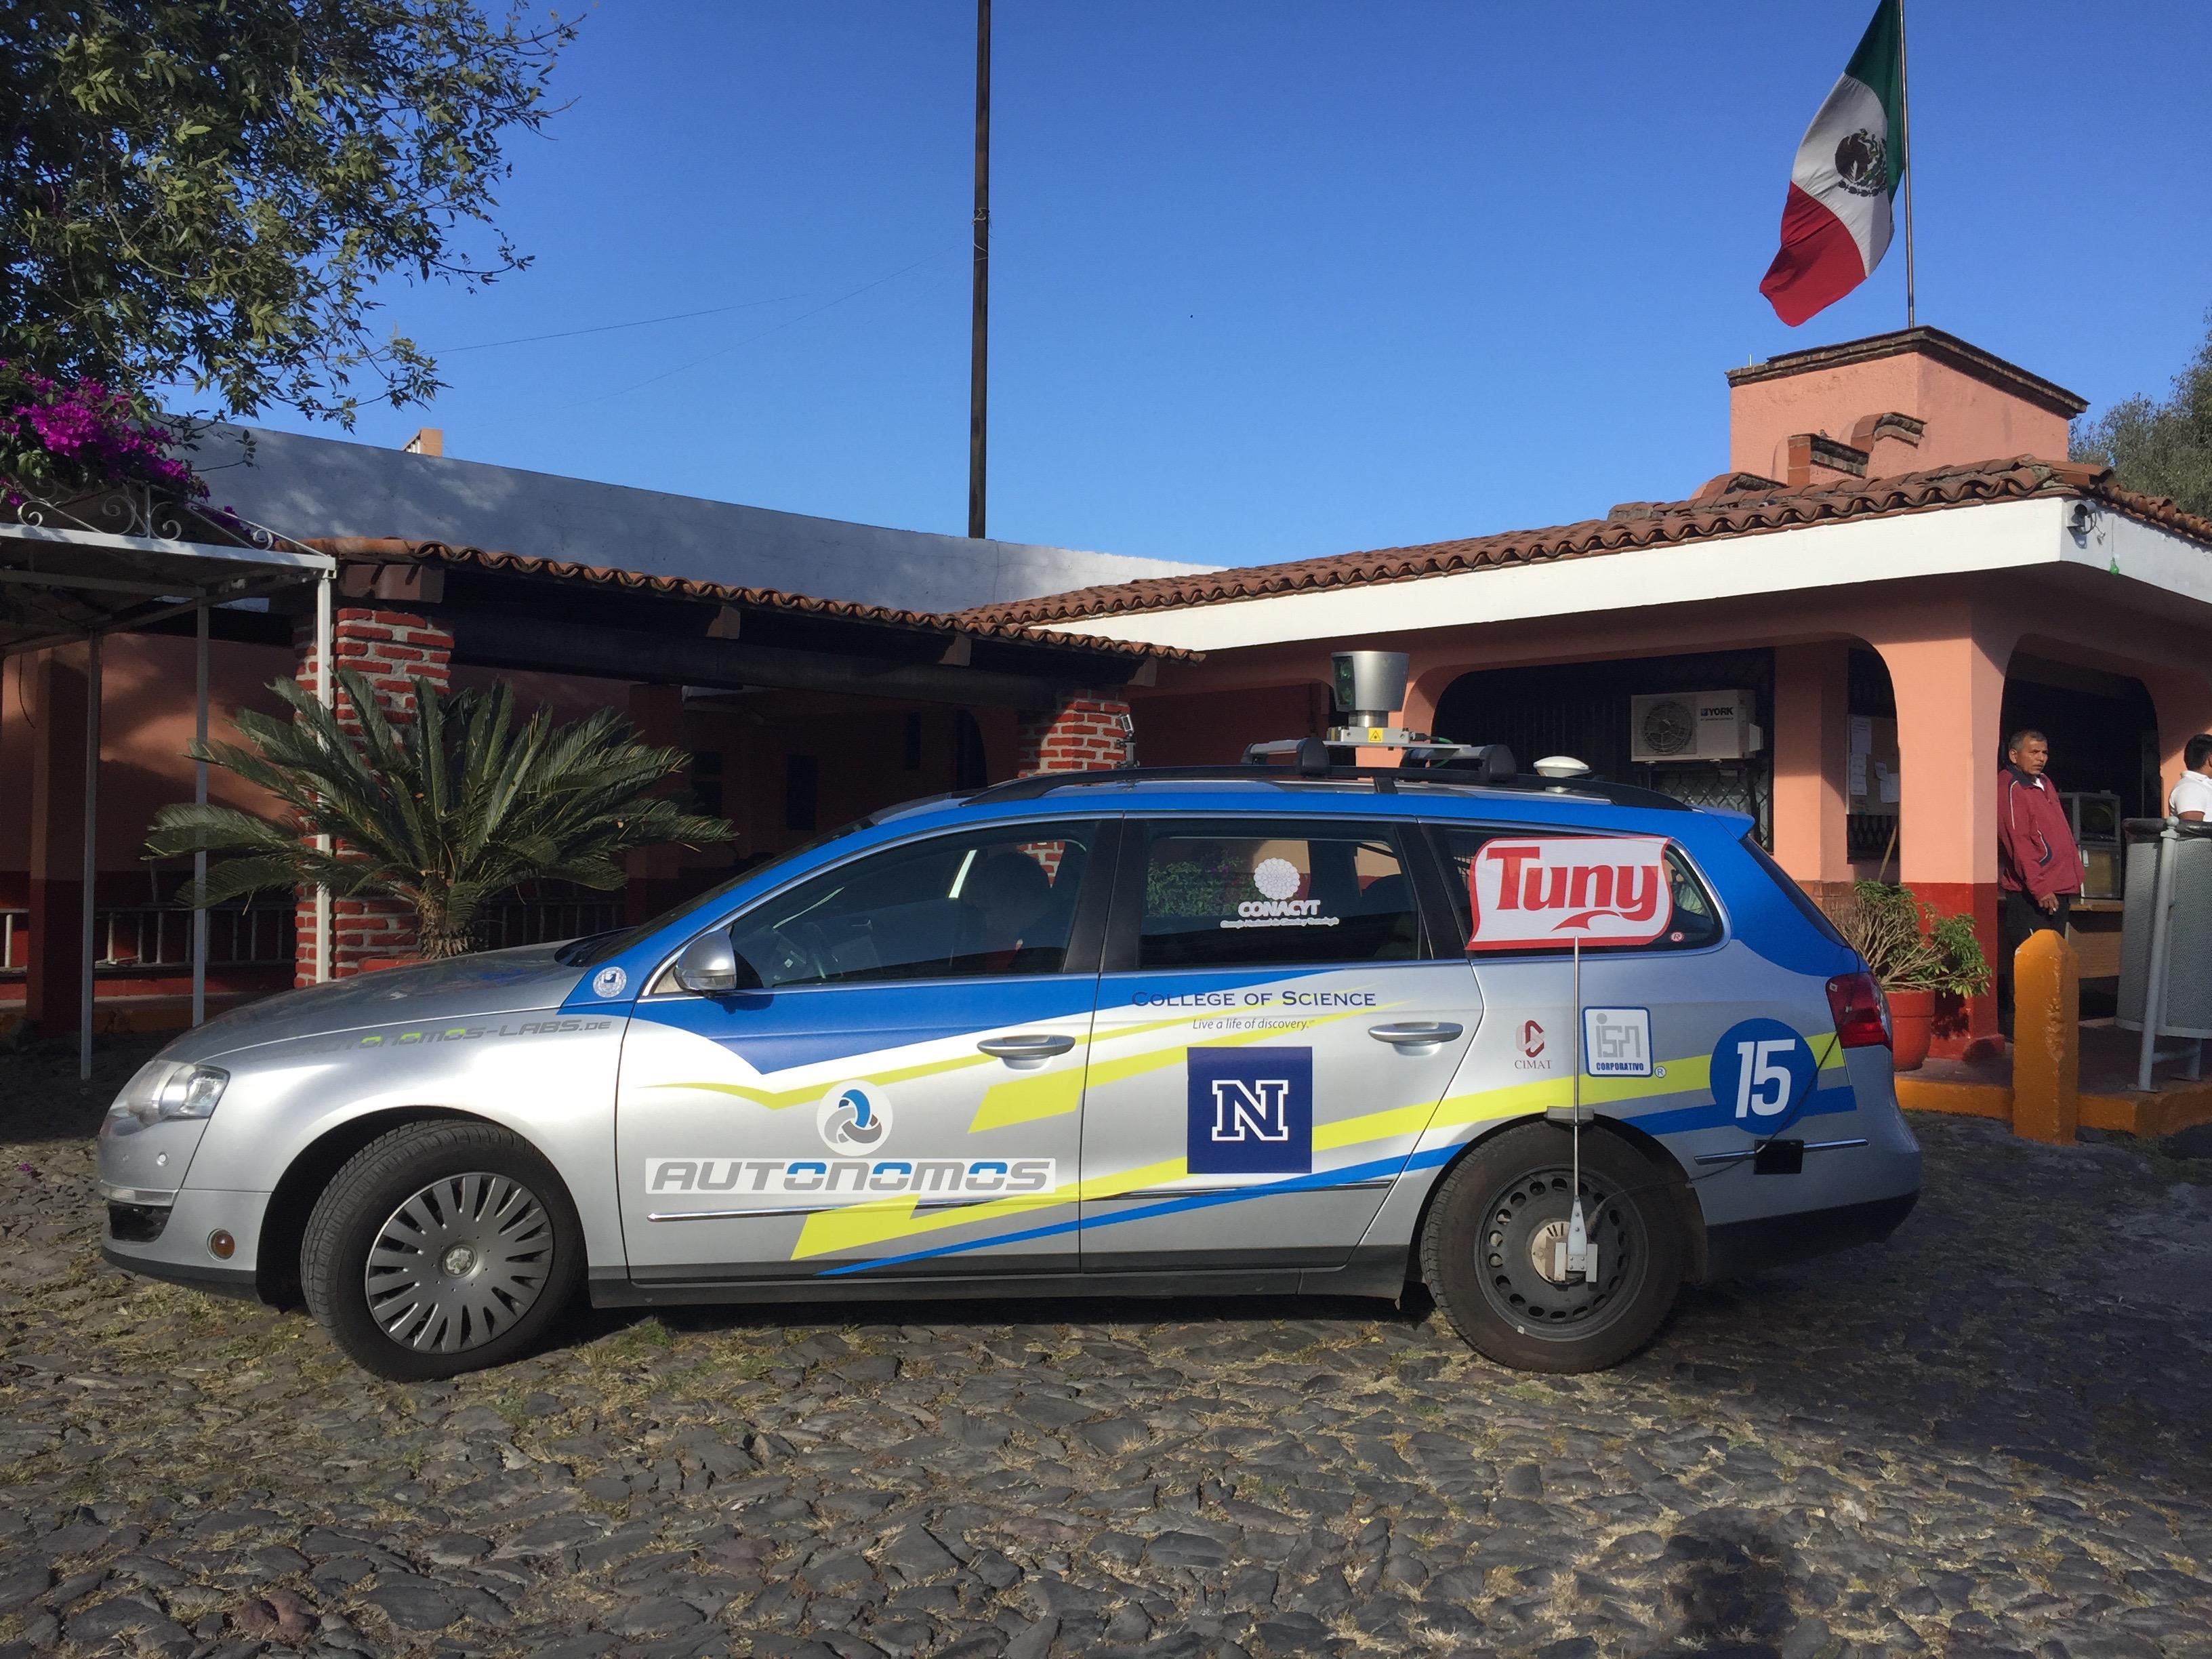 Autonomos in Mexico